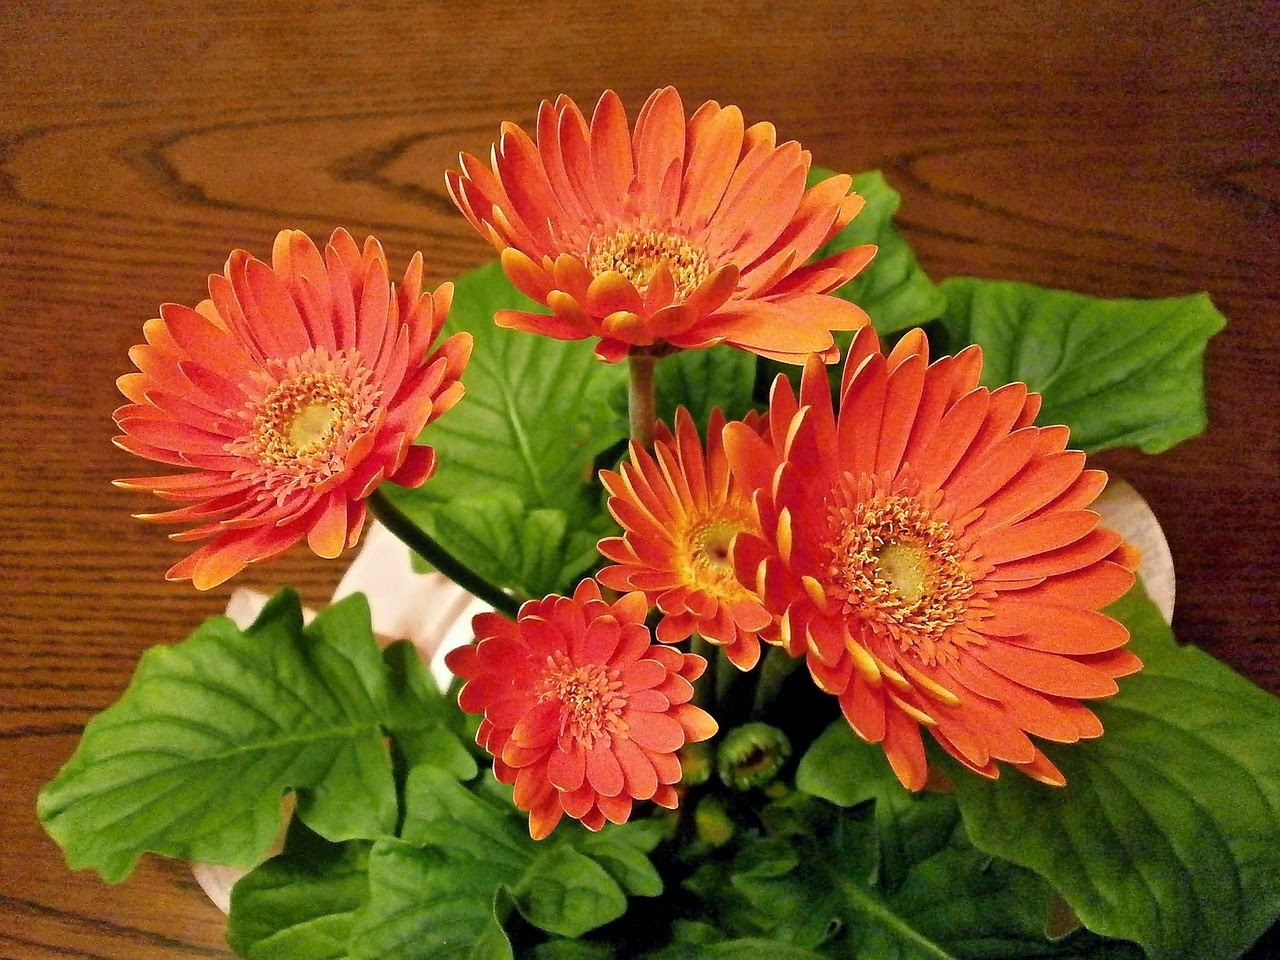 Οικολογικός τρόπος για φυσική γυαλάδα των φύλλων των λουλουδιών σας